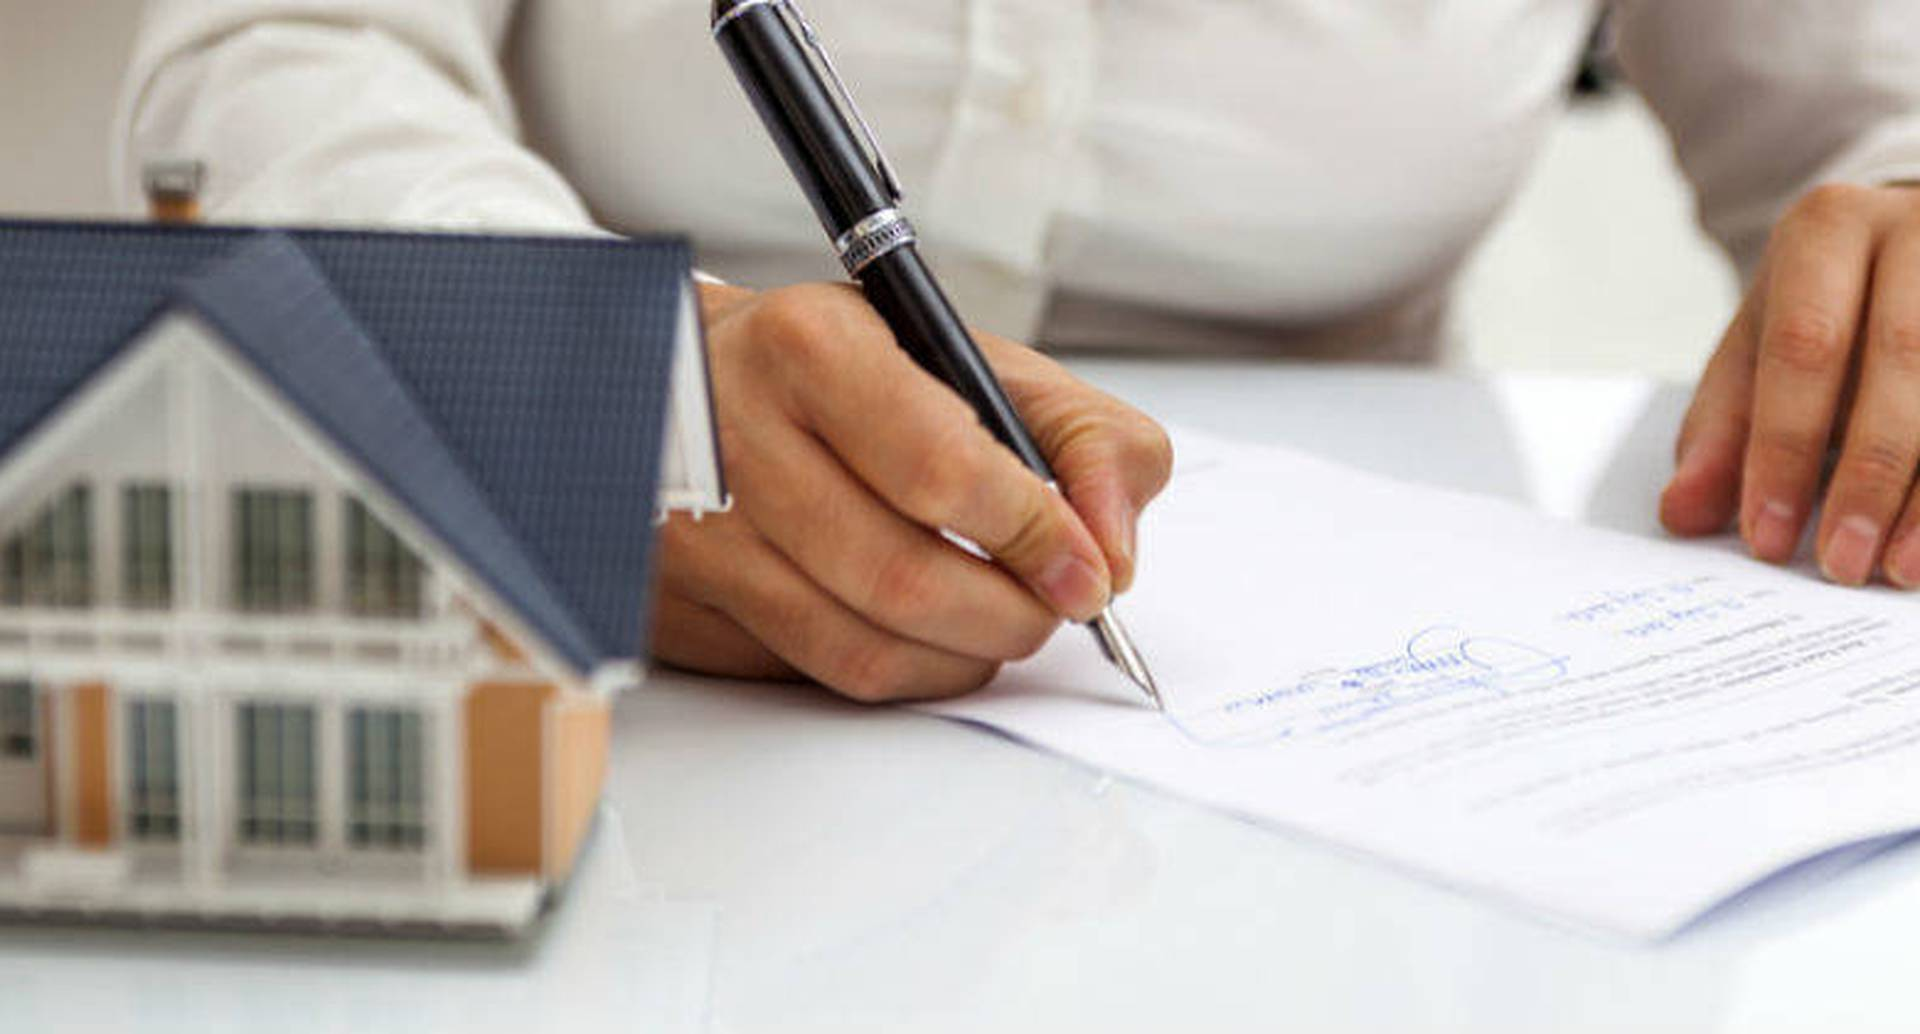 Nuevo proyecto de ley de vivienda trae cambios en subsidios, tanto para arriendo social como para compra de casa.